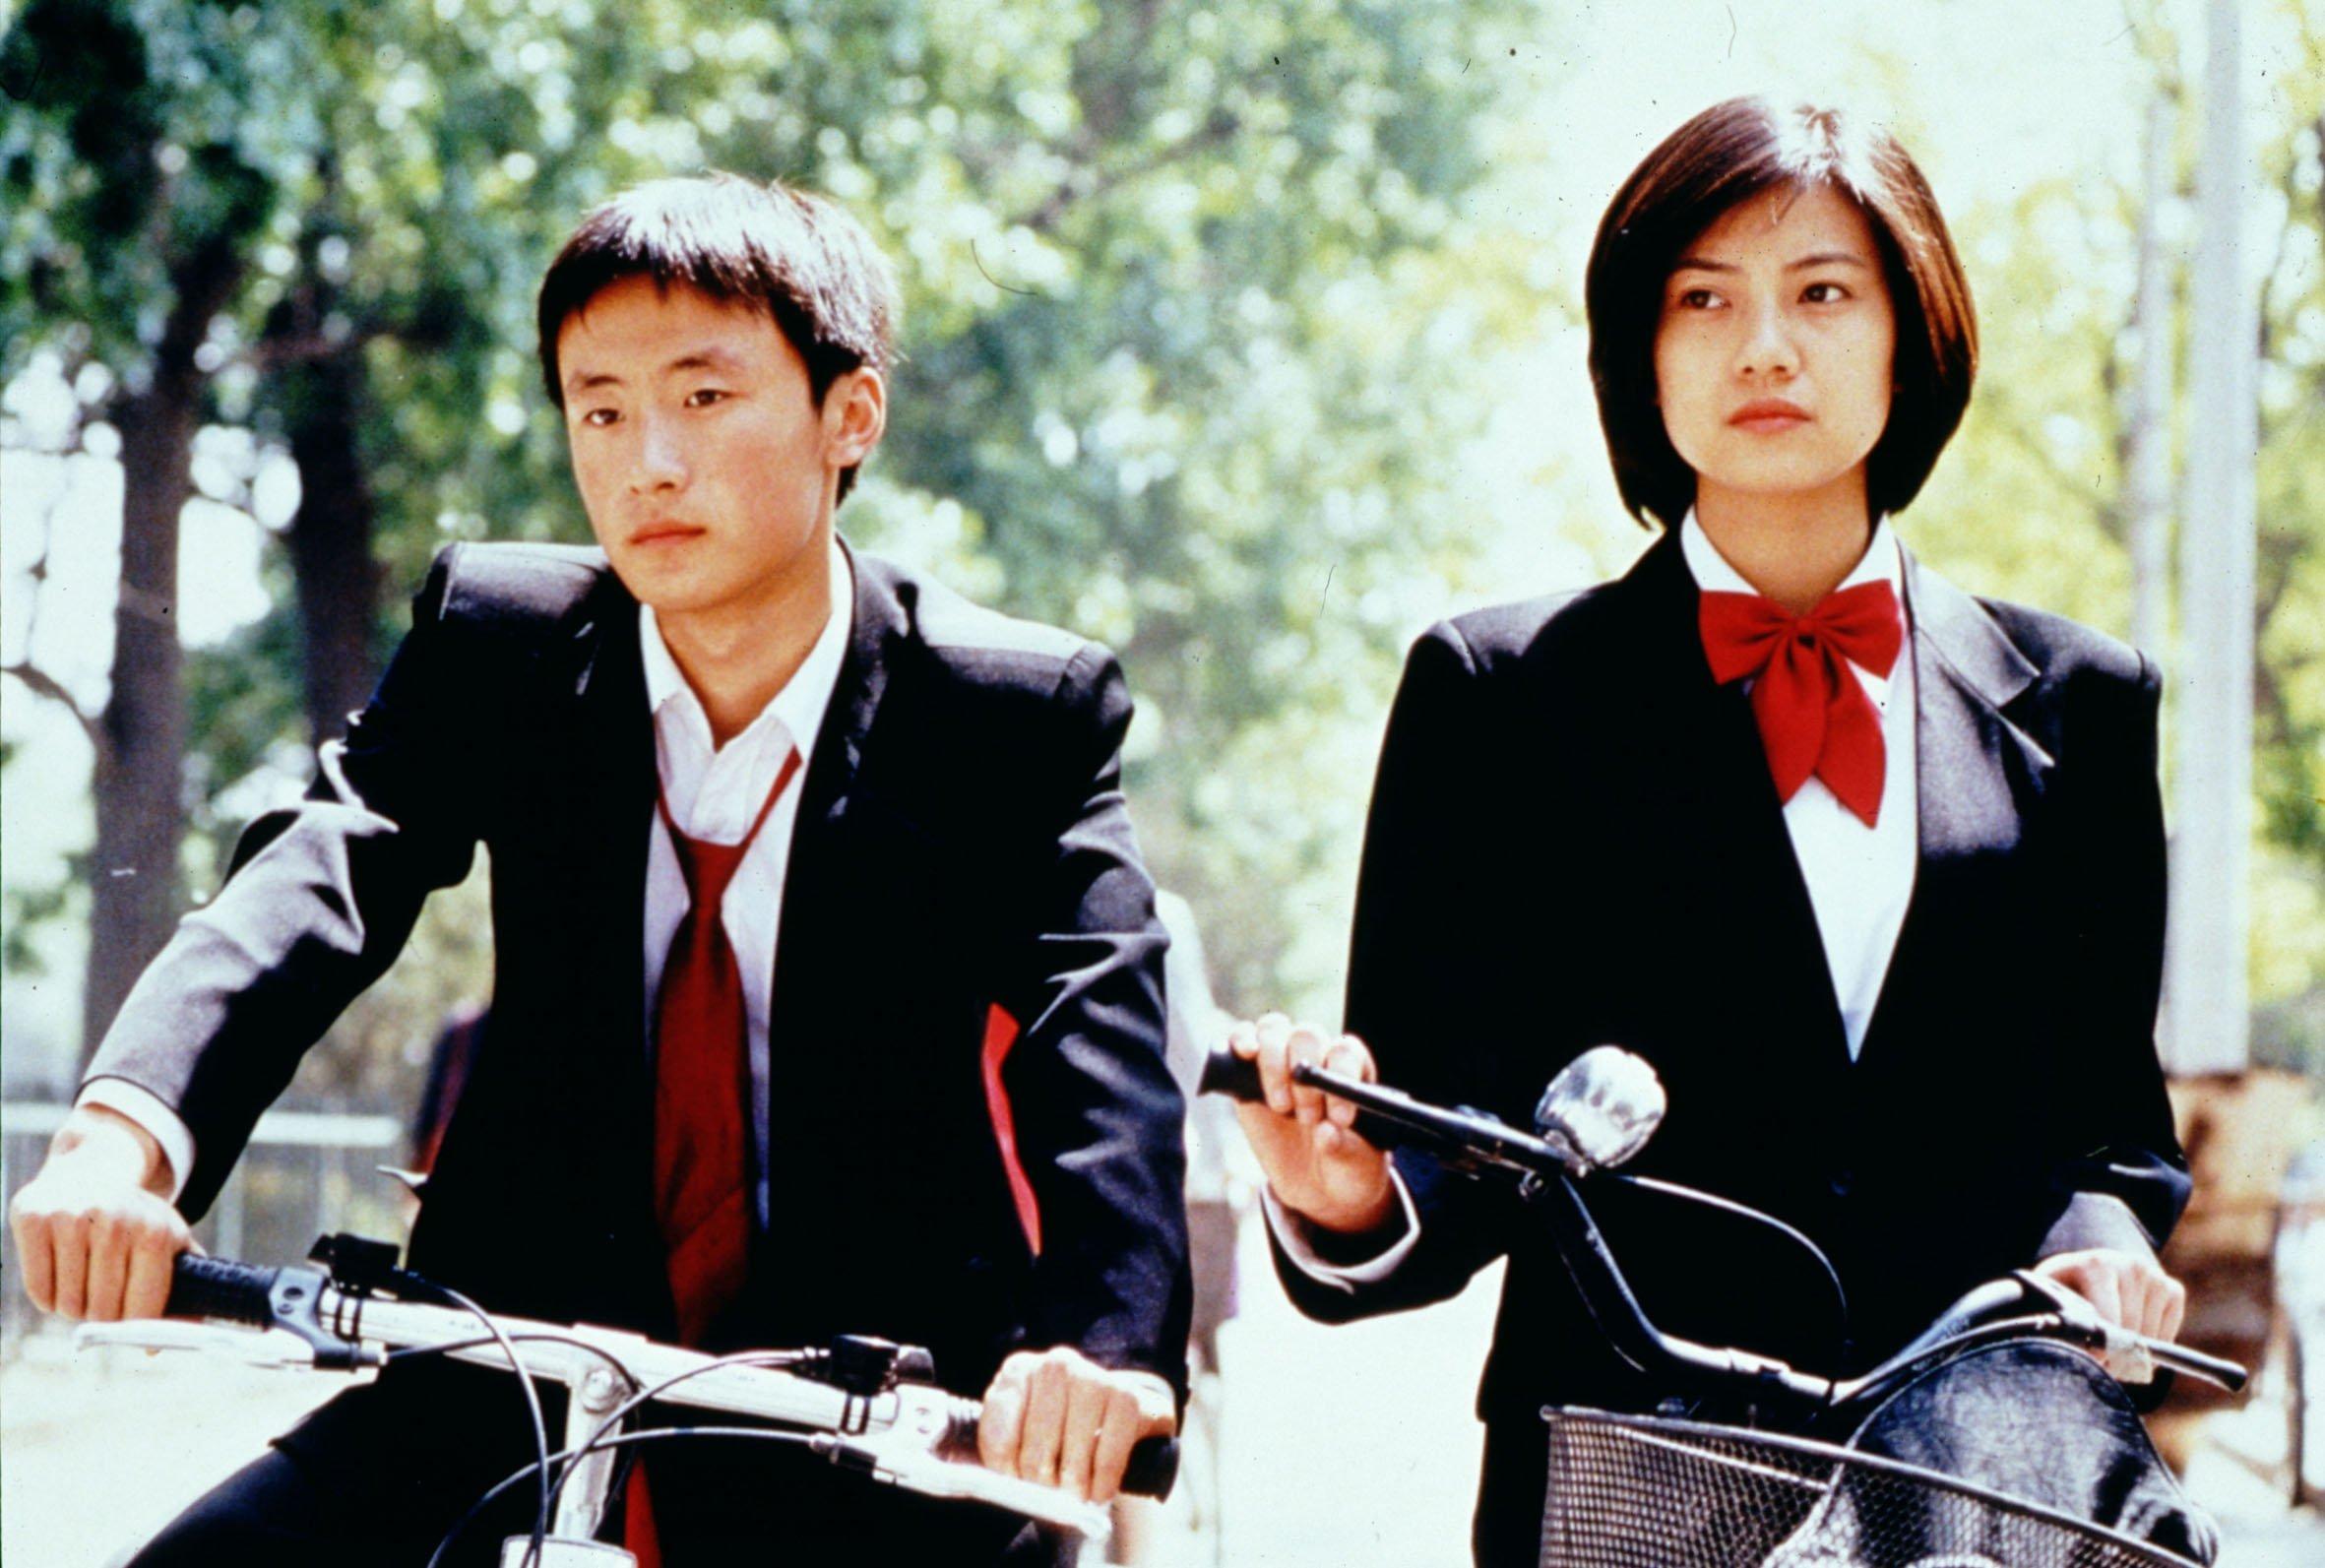 Beijing Bicycle (35mm)